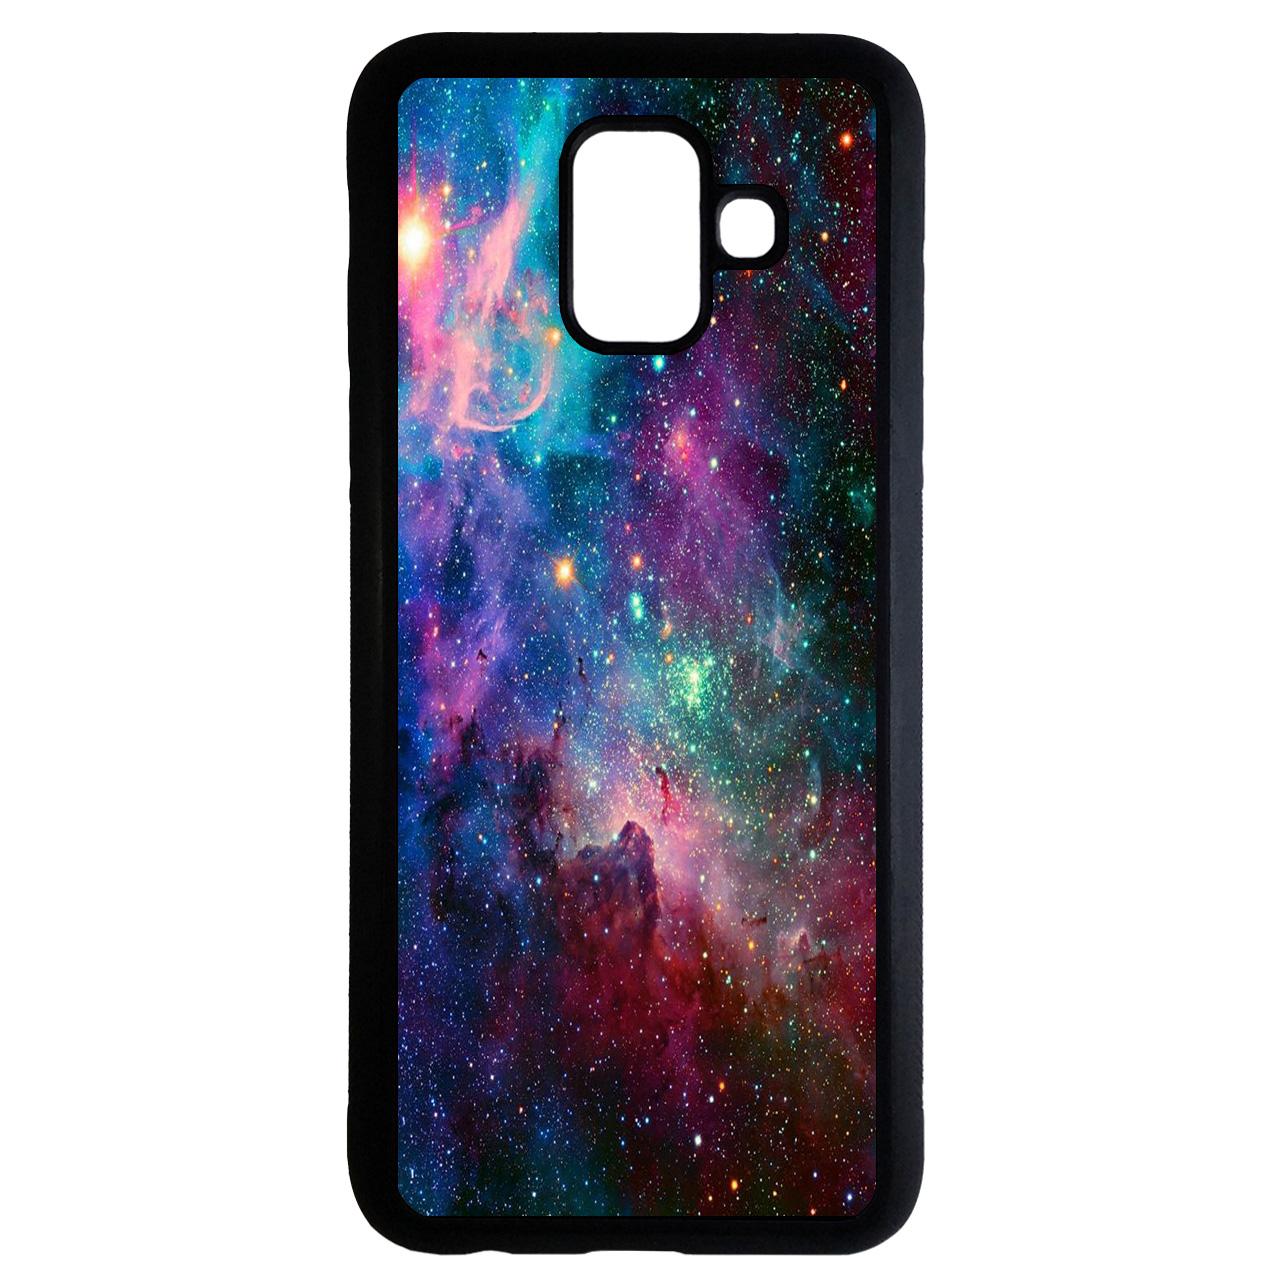 کاور طرح فضایی کد 6716 مناسب برای گوشی موبایل سامسونگ Galaxy a8 plus 2018